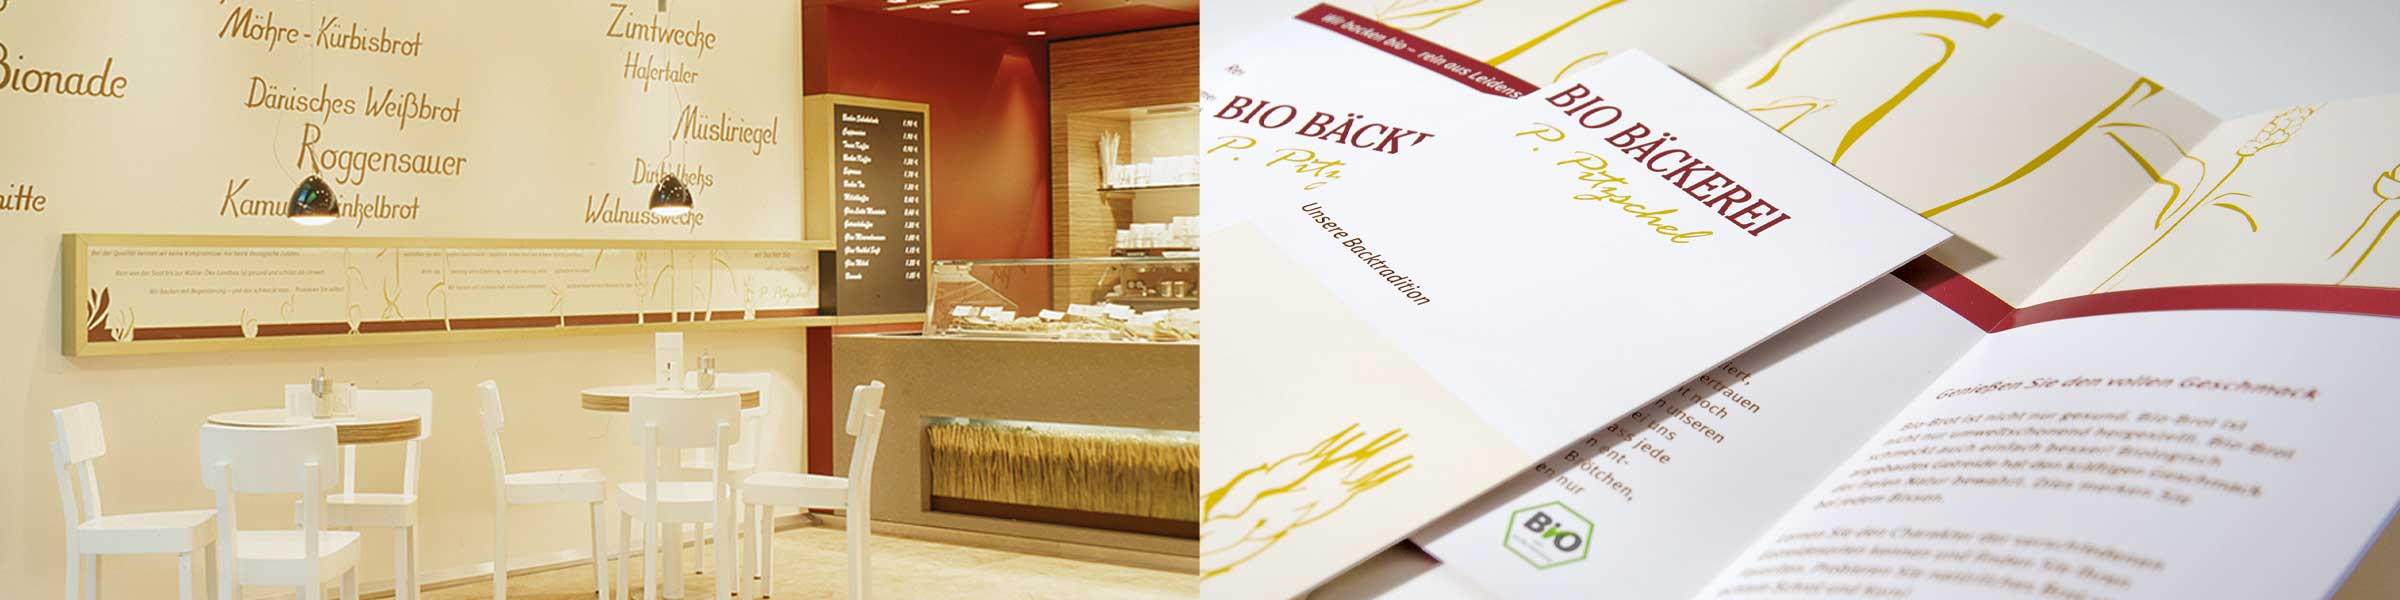 Marketing in Form von Flyer, Wandbild, Anzeigengestaltung für Bäckerei in Hamburg und Kiel